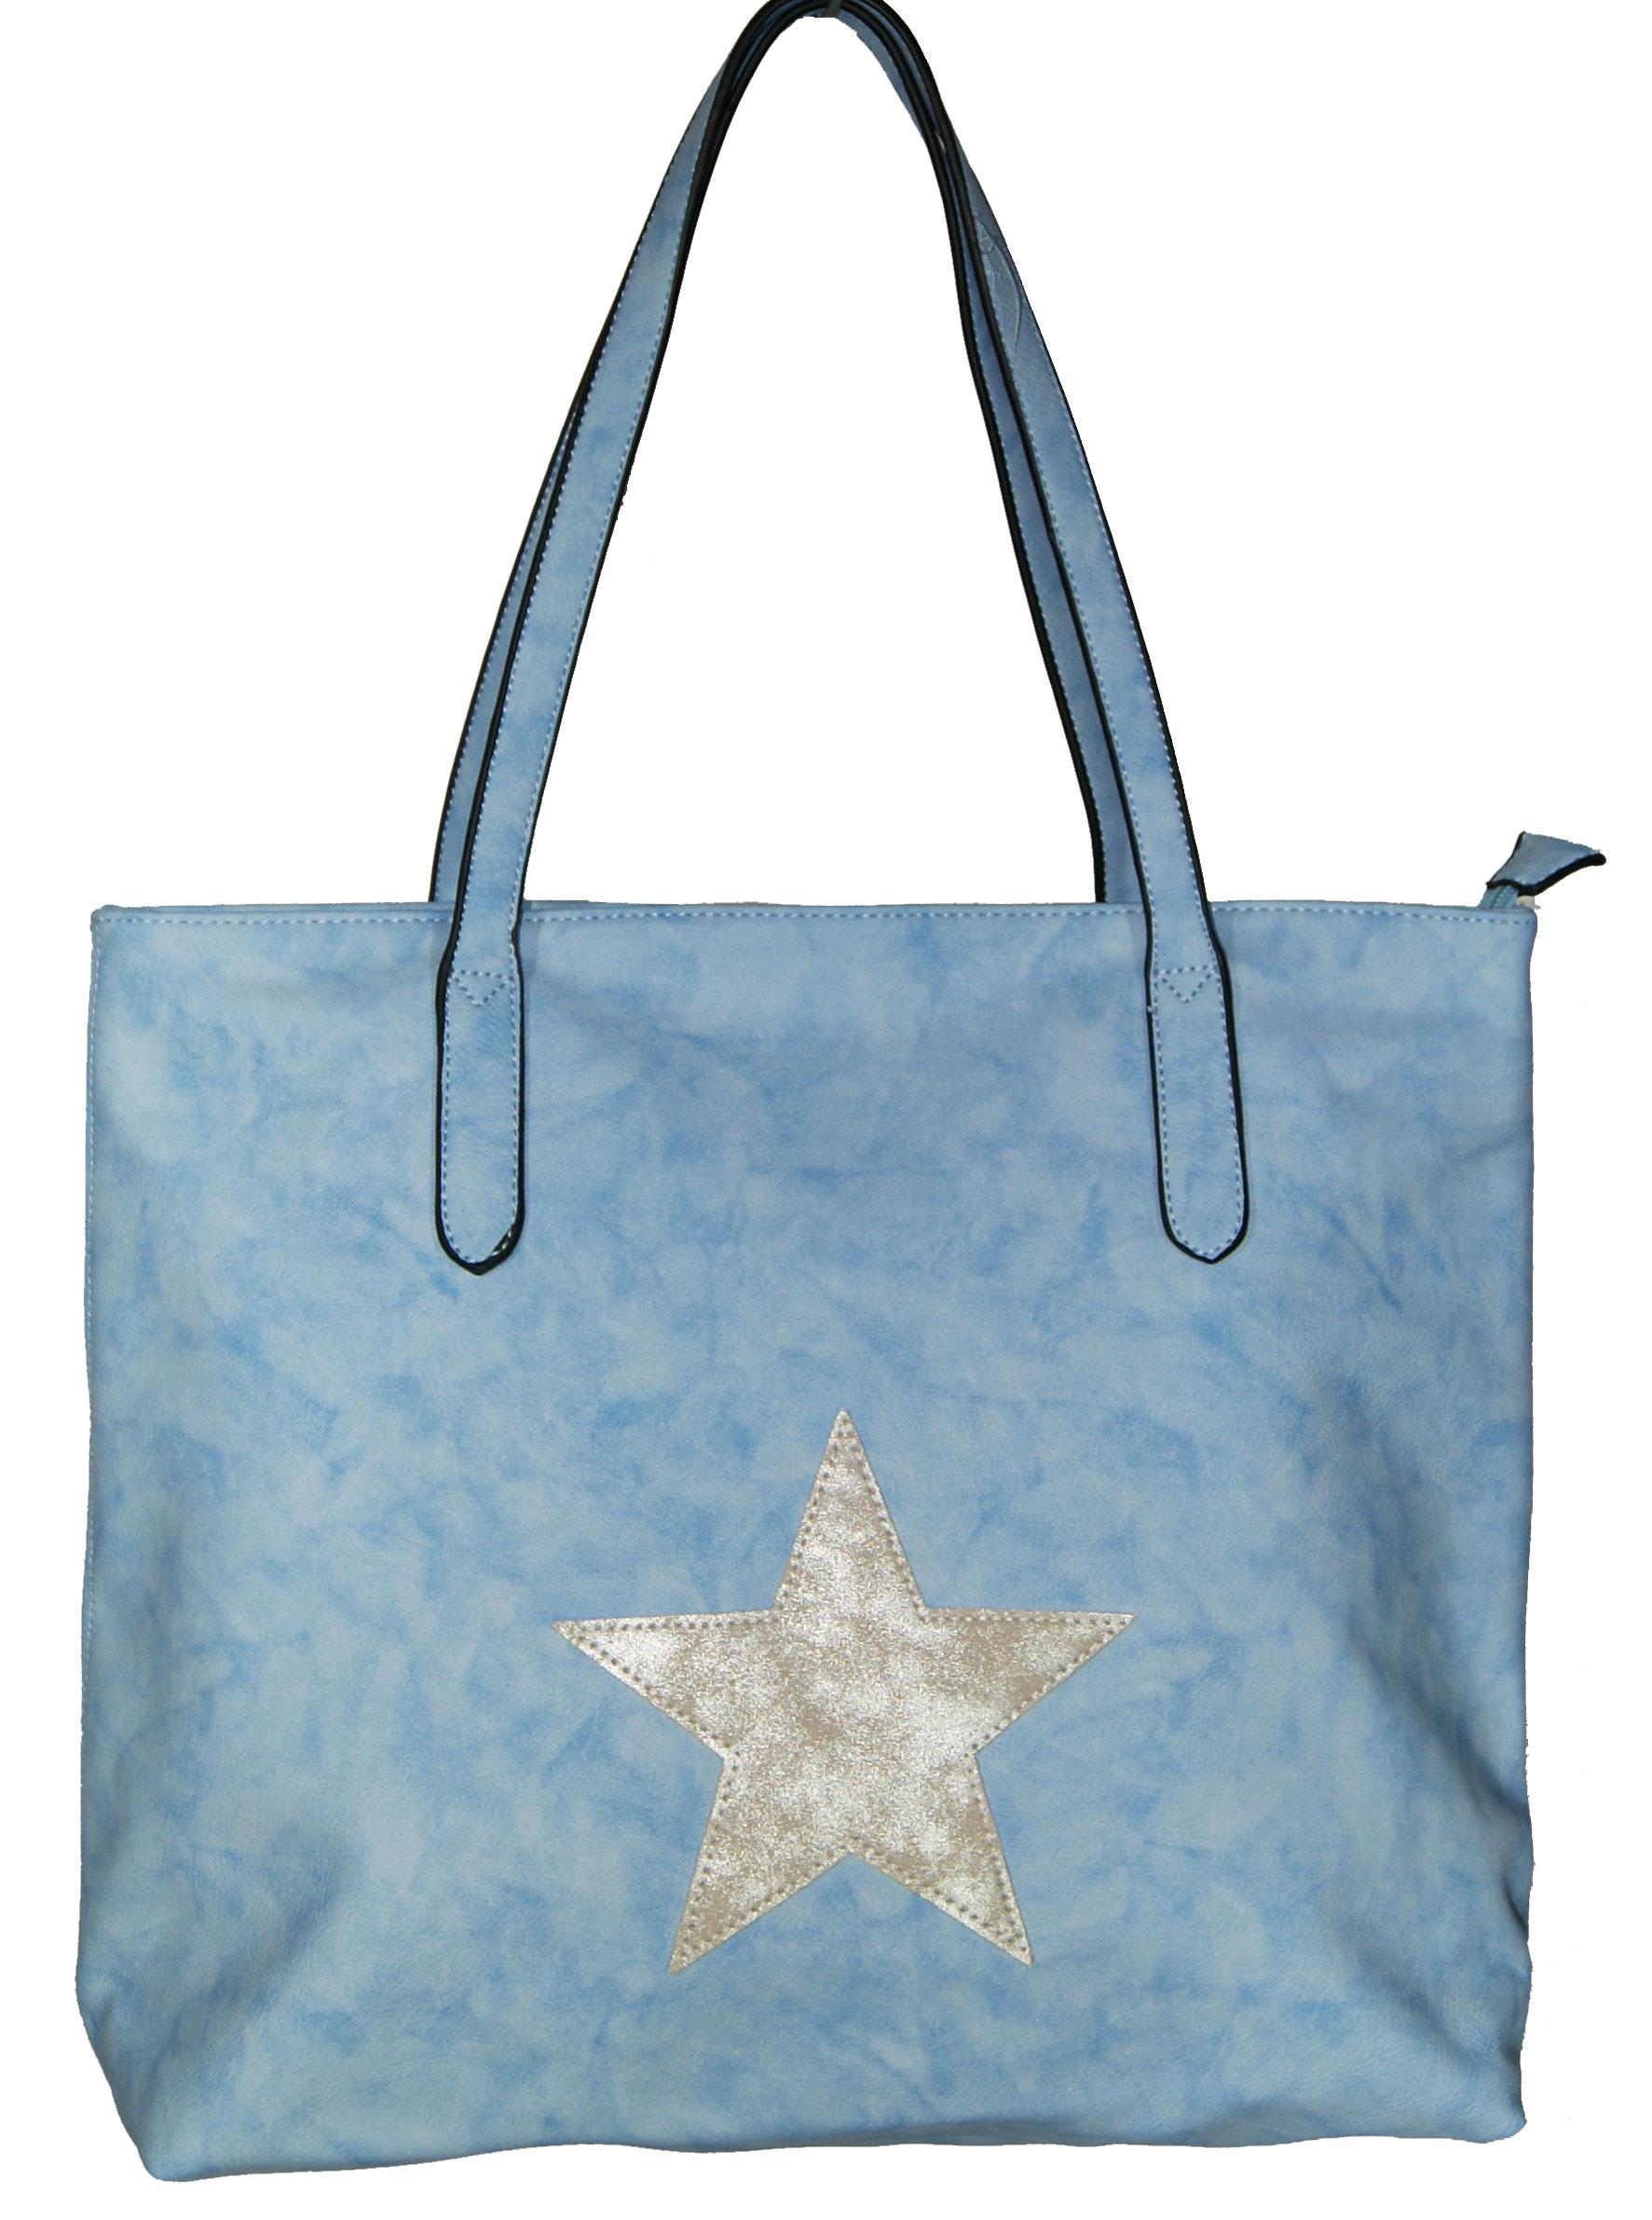 Τσάντα ώμου Νο 124 - Γαλάζια (SARA MODA κωδ.: 891)